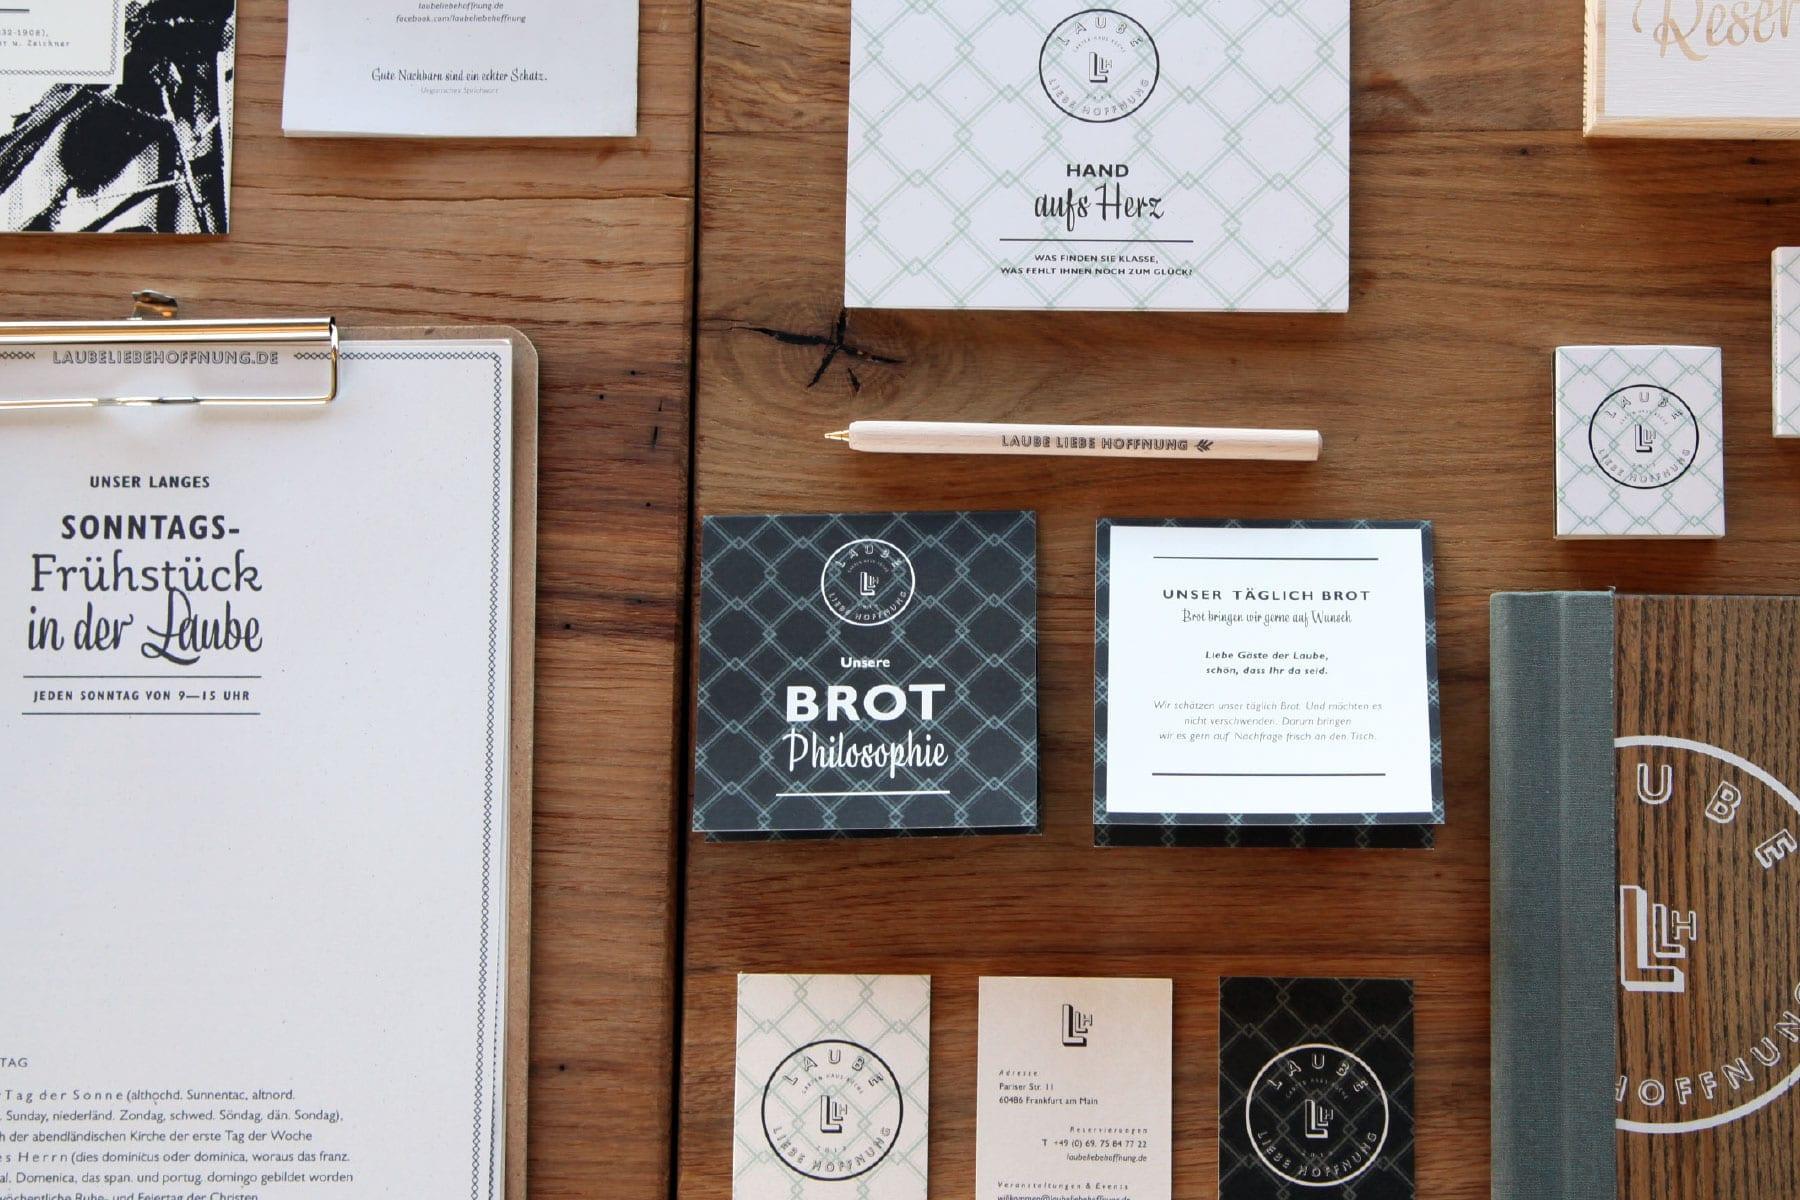 Corporate Design für die Laube Liebe Hoffnung